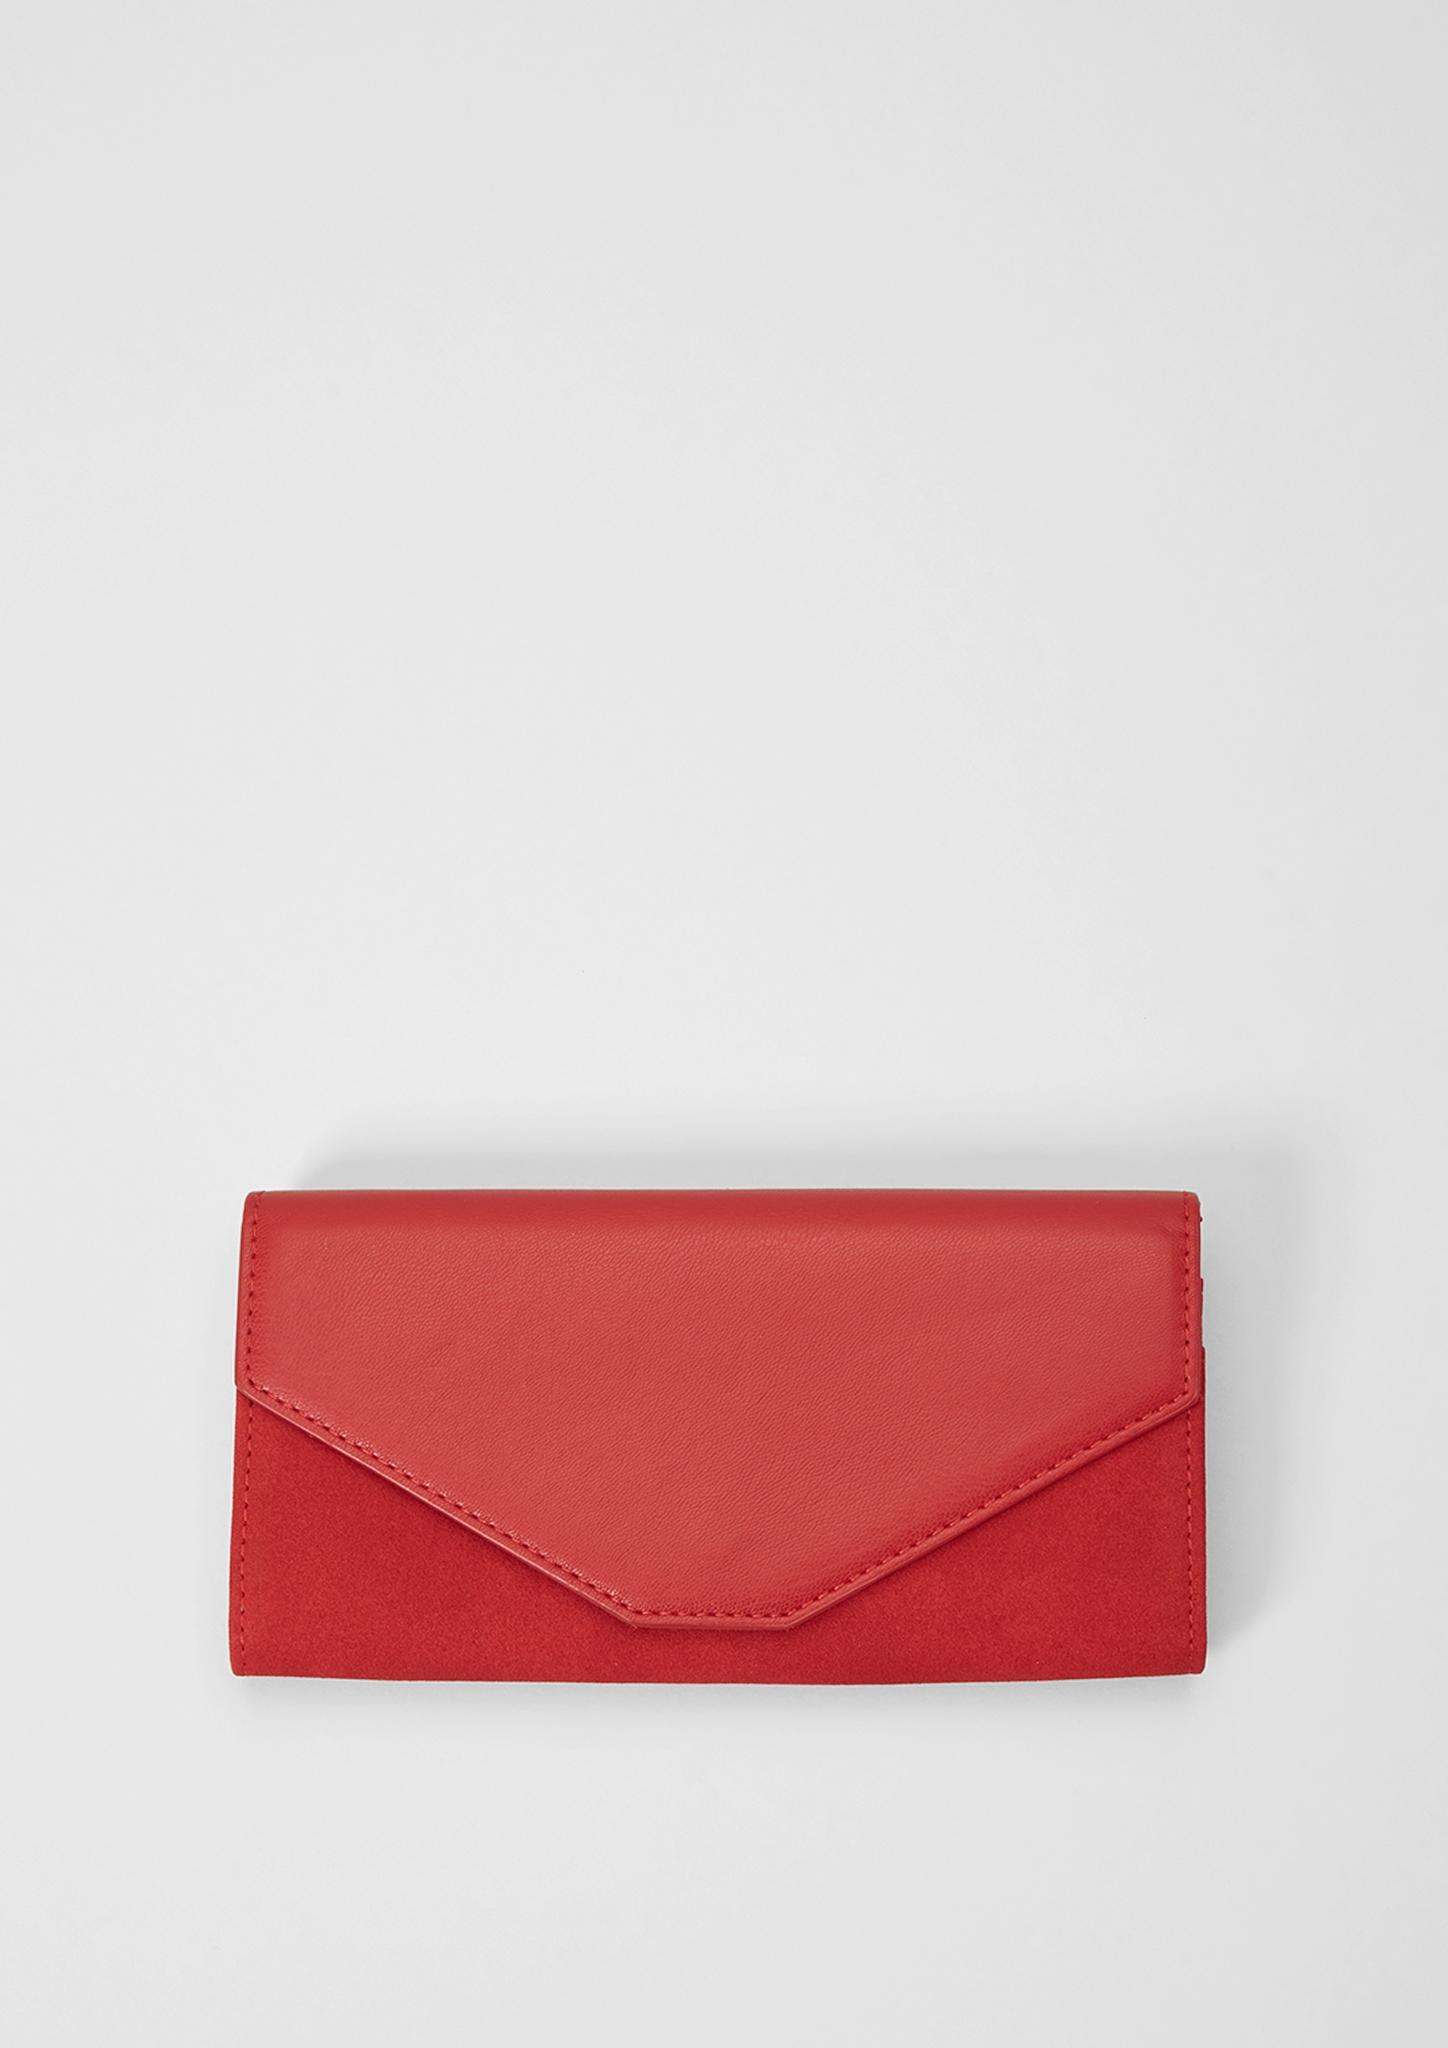 Portemonnaie | Accessoires > Portemonnaies > Sonstige Portemonnaies | s.Oliver